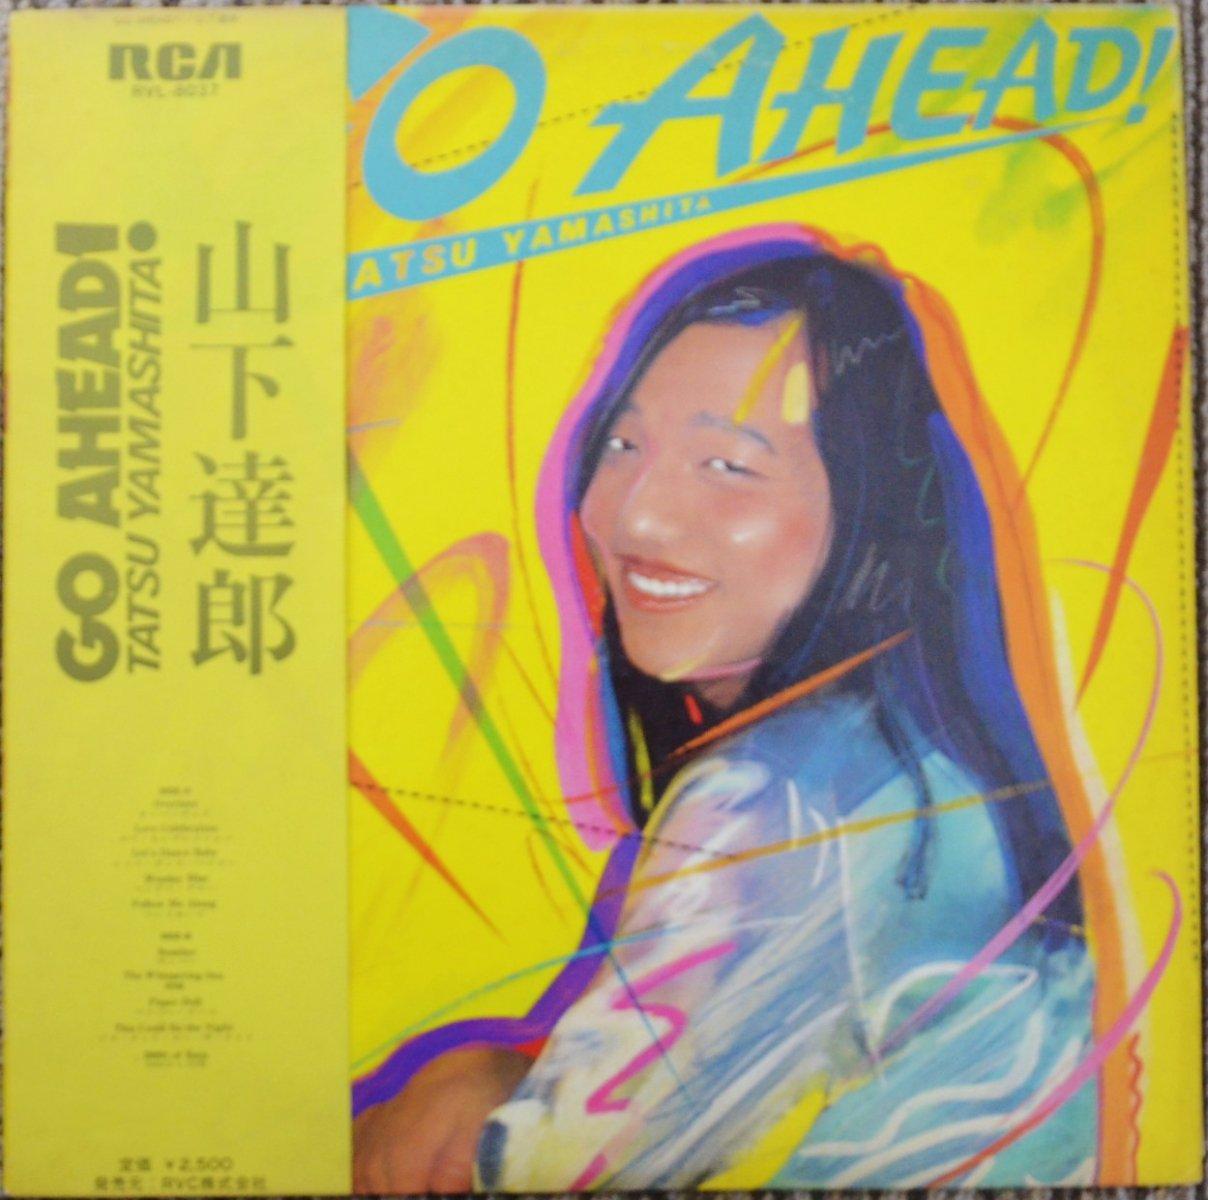 山下達郎 TATSURO YAMASHITA / GO AHEAD! (LP)